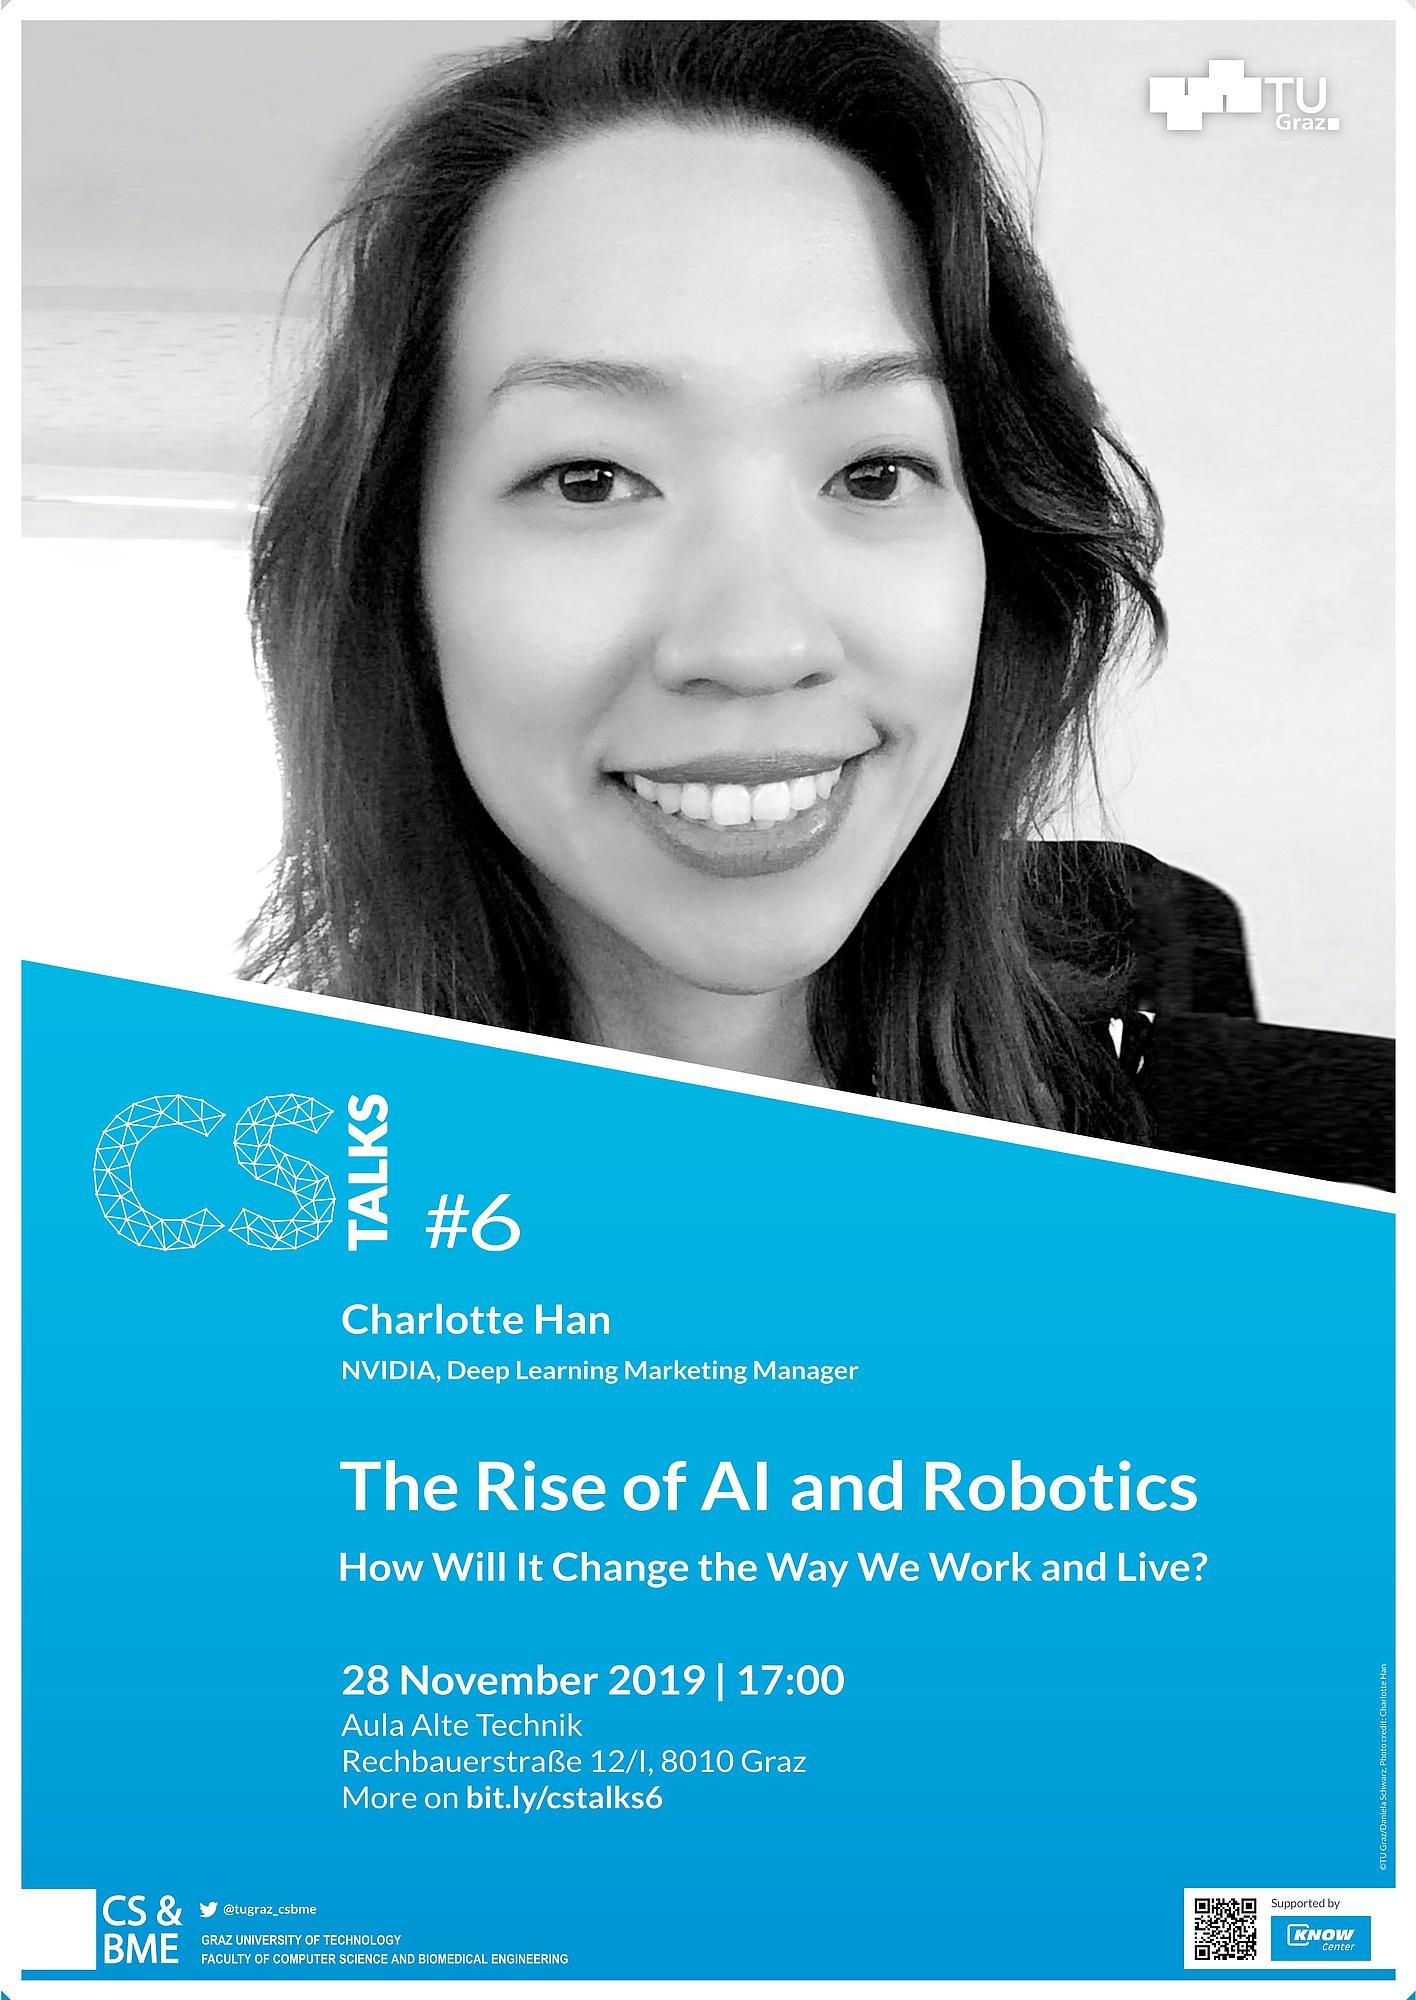 6. CS Talks über veränderte Arbeitswelten durch Künstliche Intelligenz